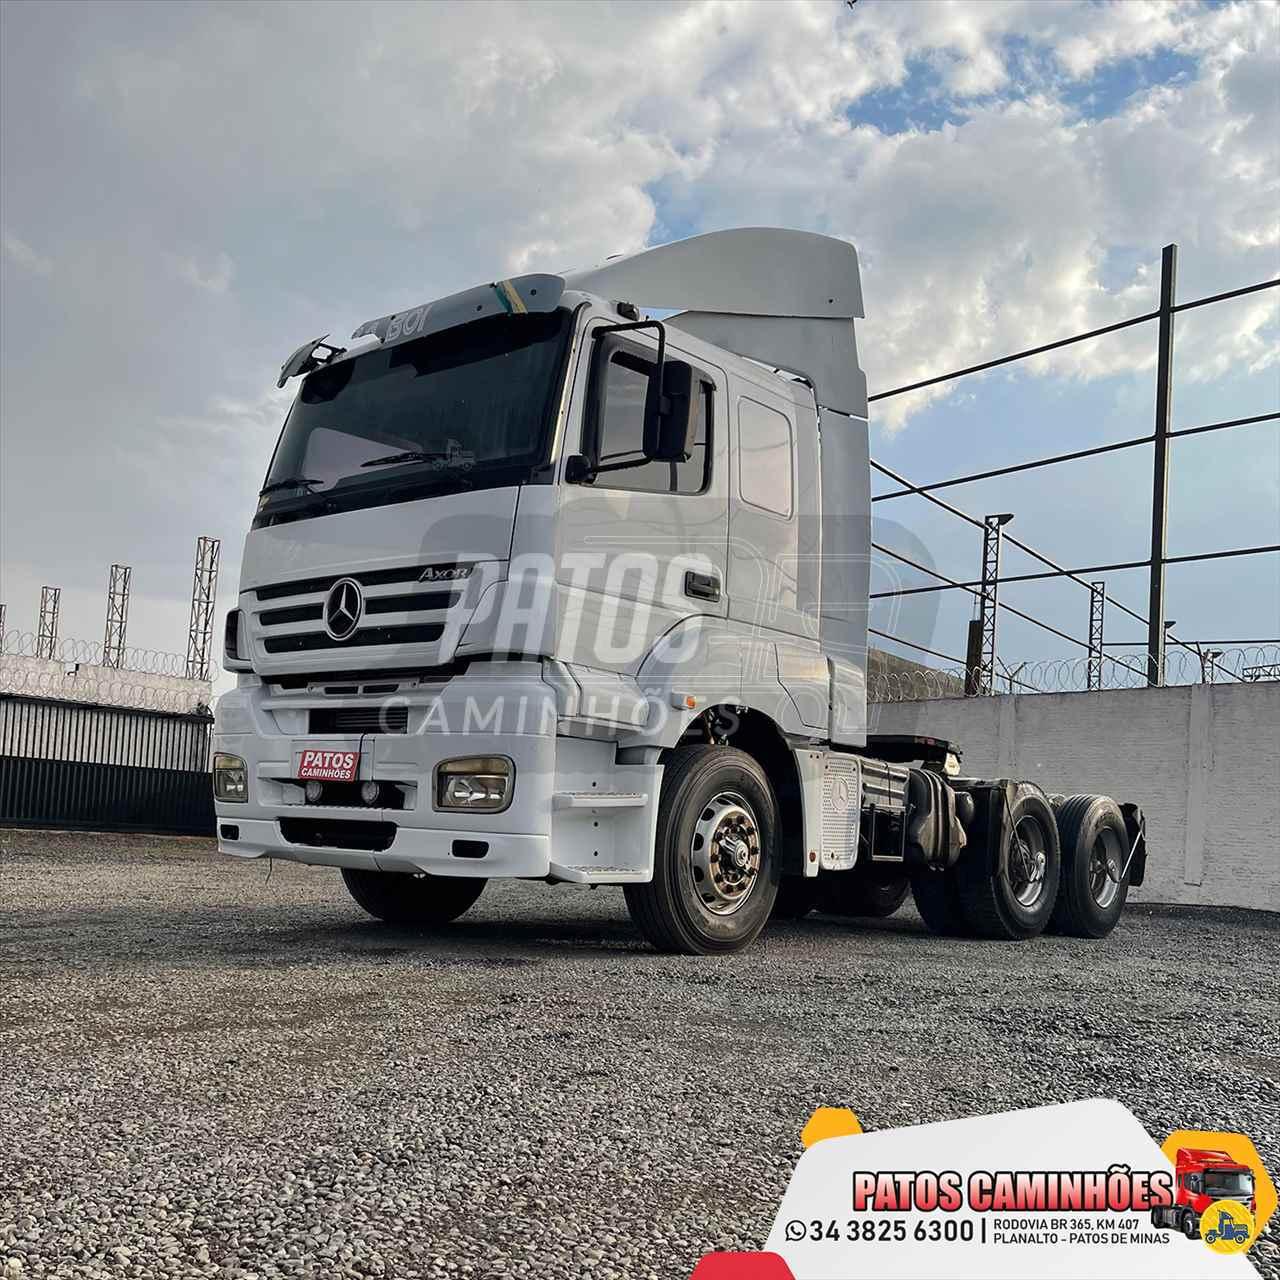 CAMINHAO MERCEDES-BENZ MB 2540 Cavalo Mecânico Truck 6x2 Patos Caminhões PATOS DE MINAS MINAS GERAIS MG